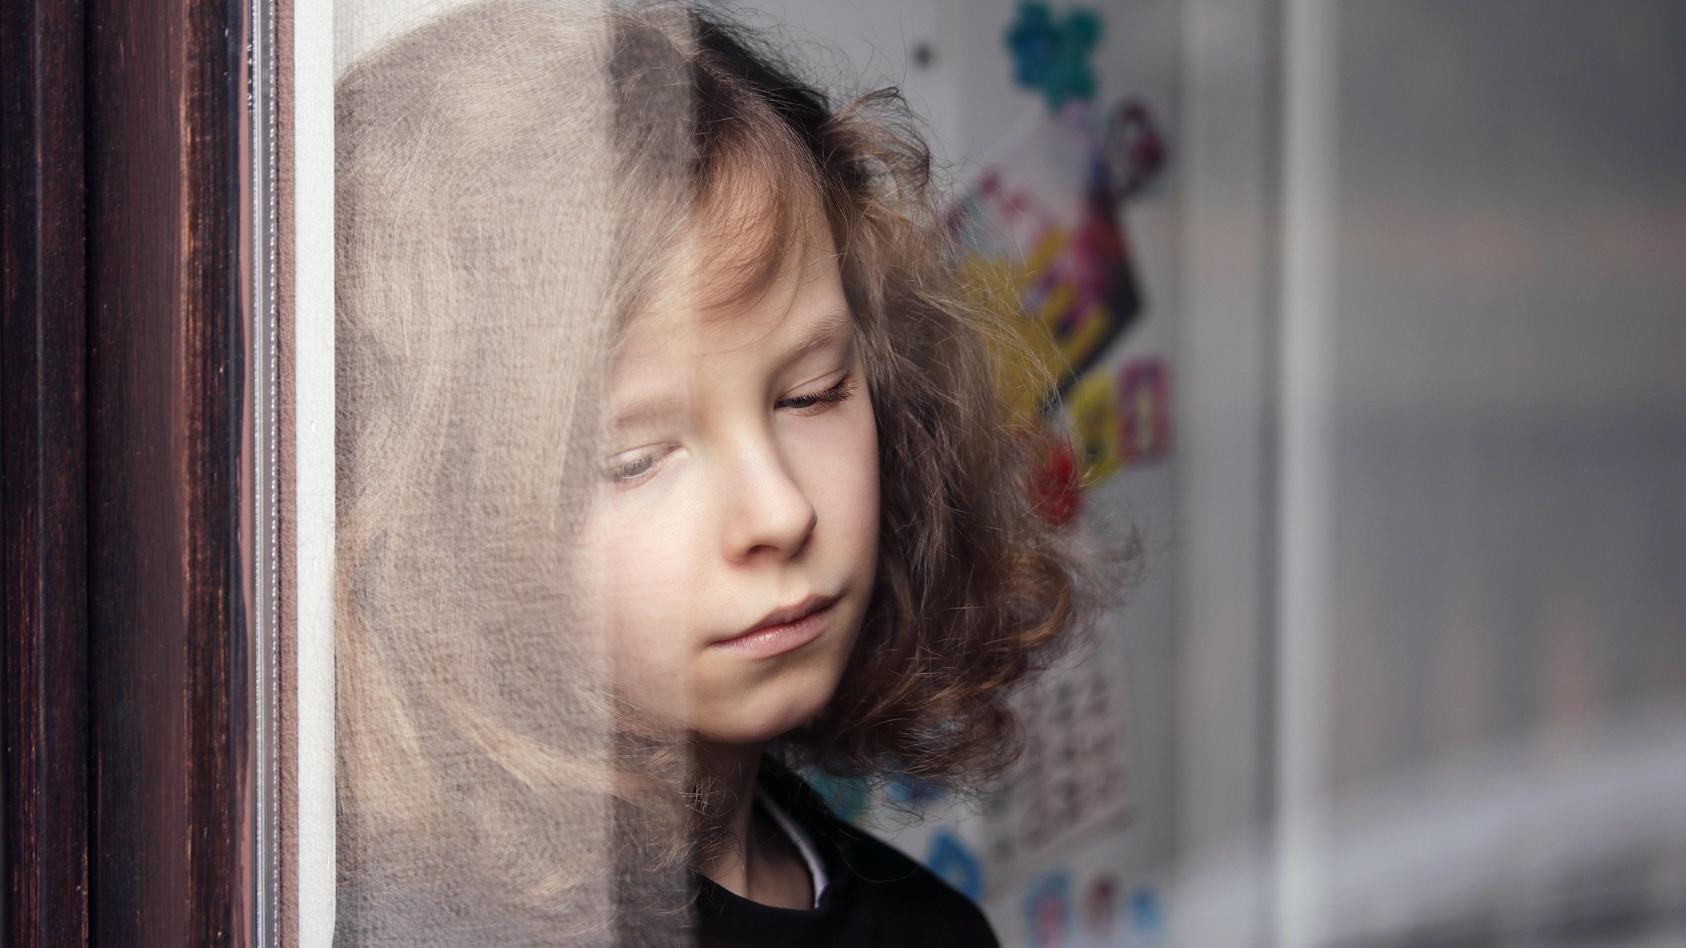 Eltern können an gewissen Anzeichen erkennen, dass mit ihrem Kind etwas nicht stimmt.